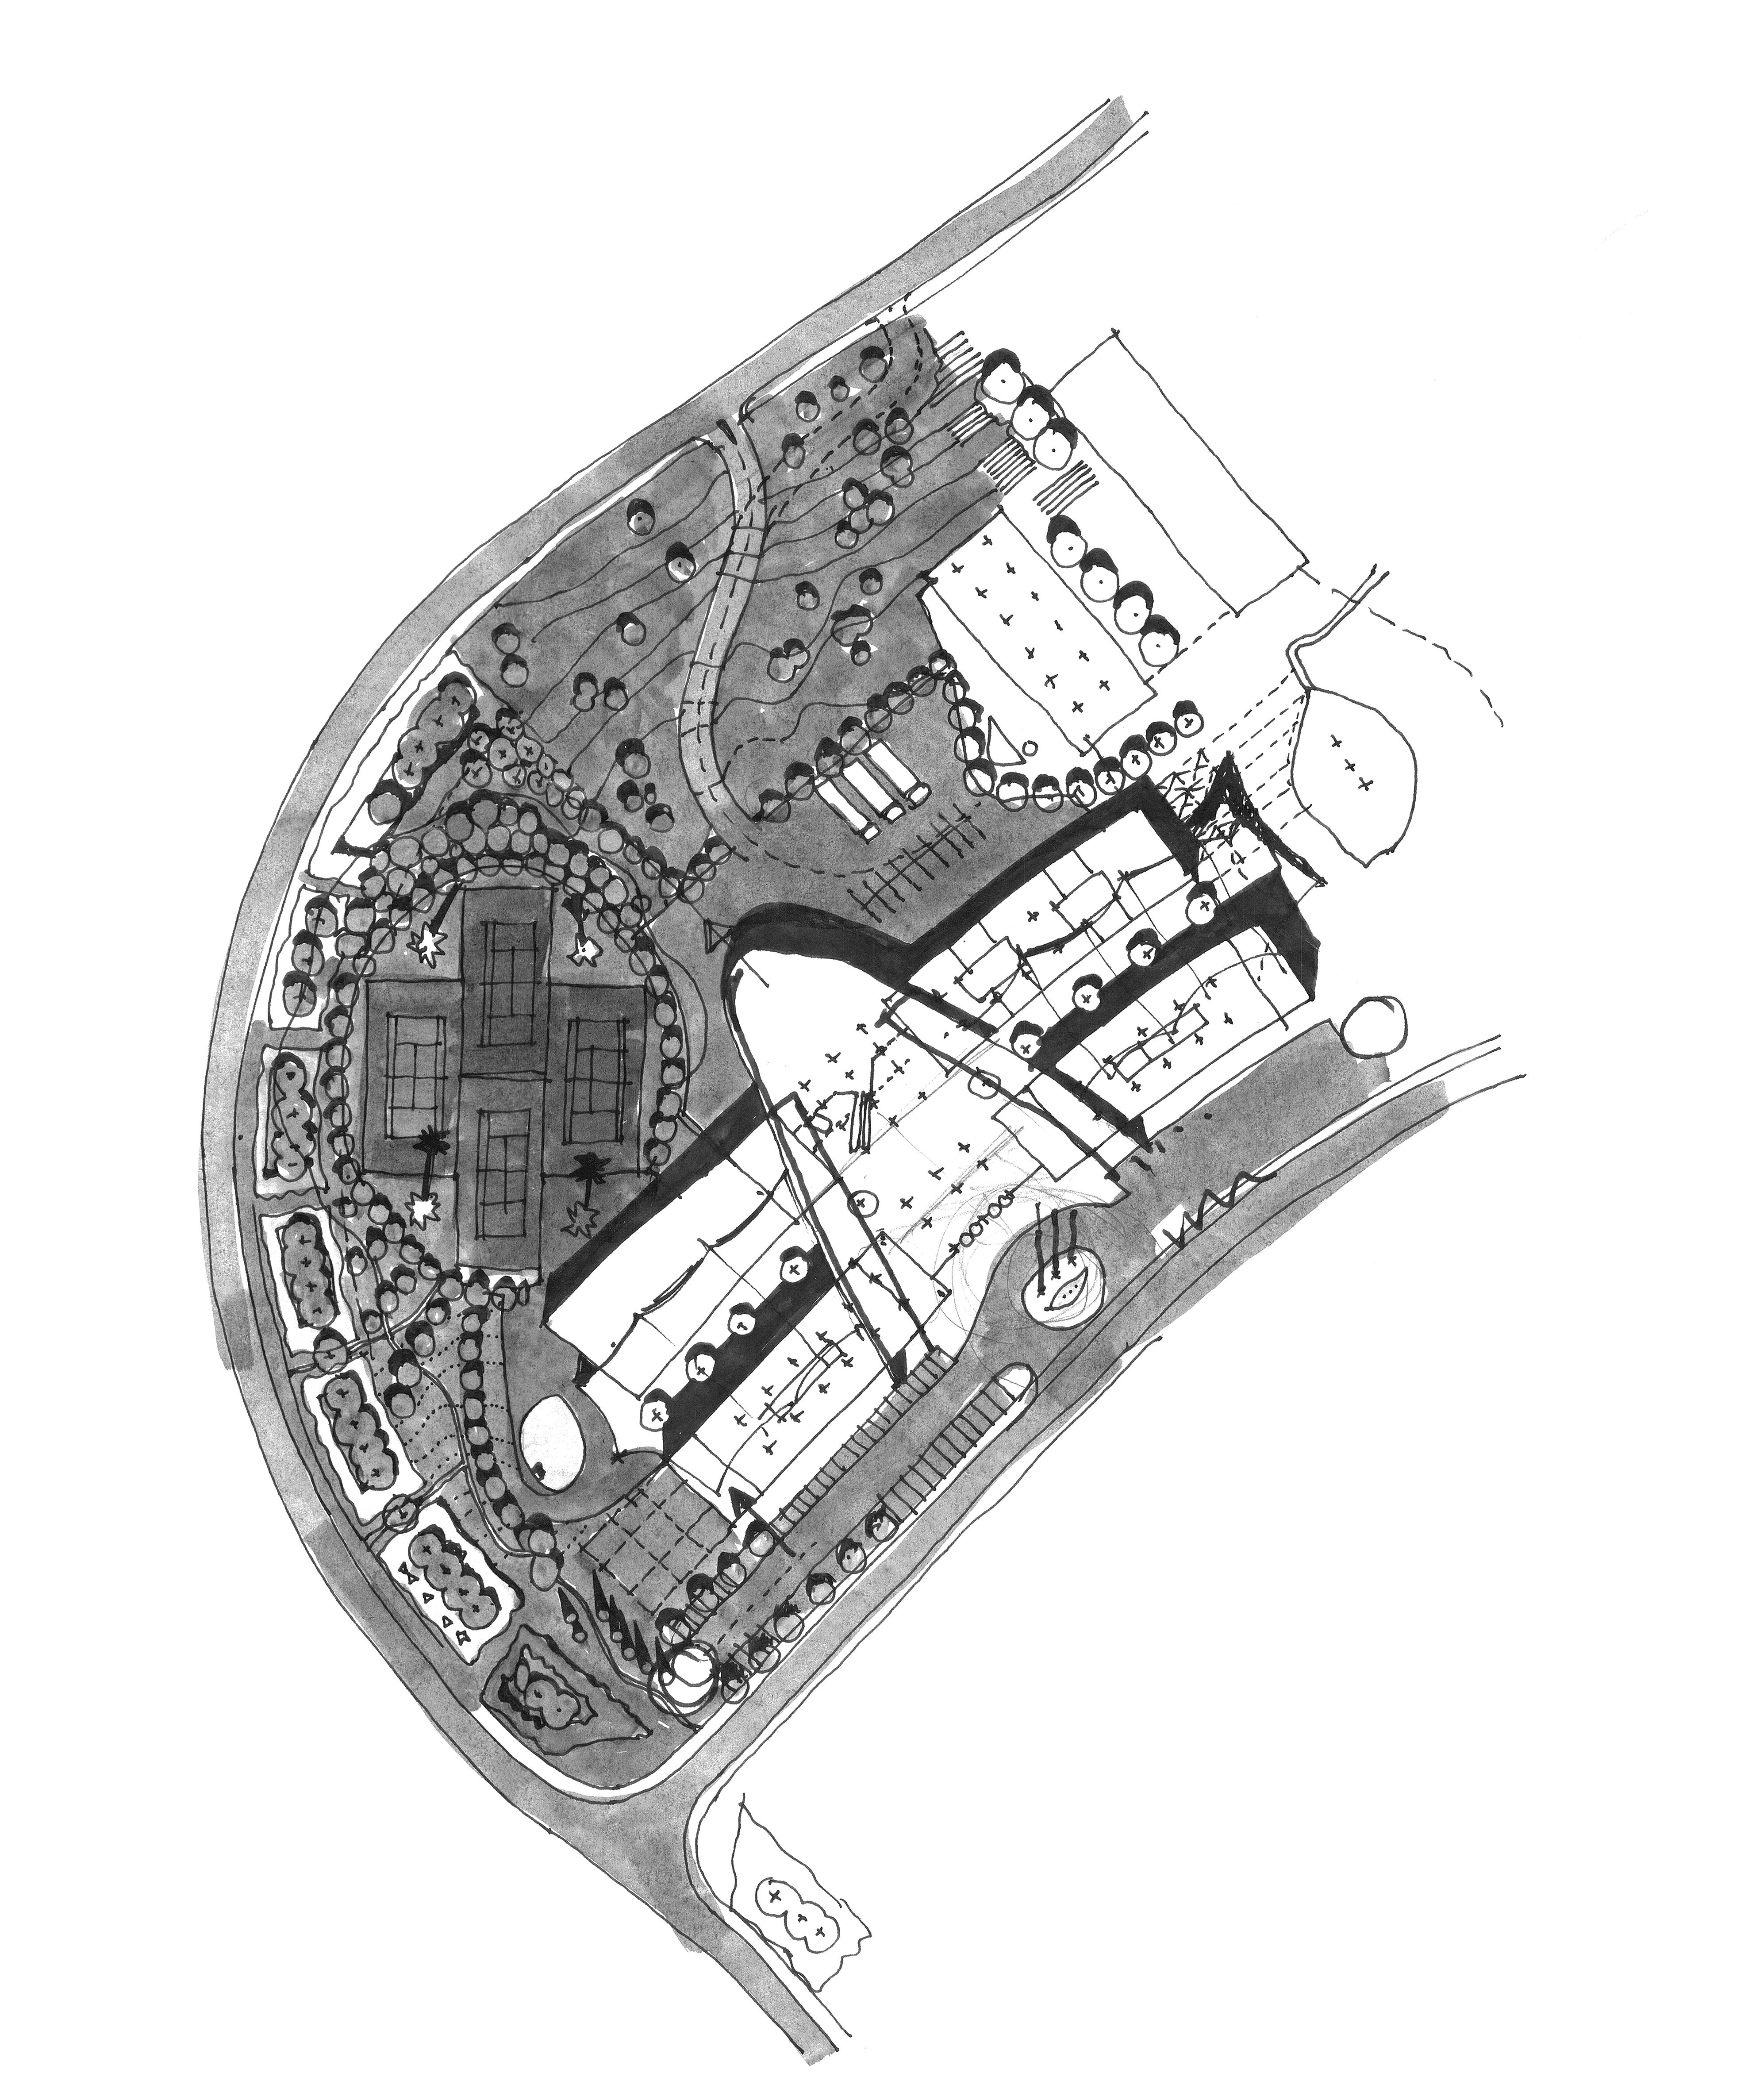 TAGUSPARK - CENTRAL HUB